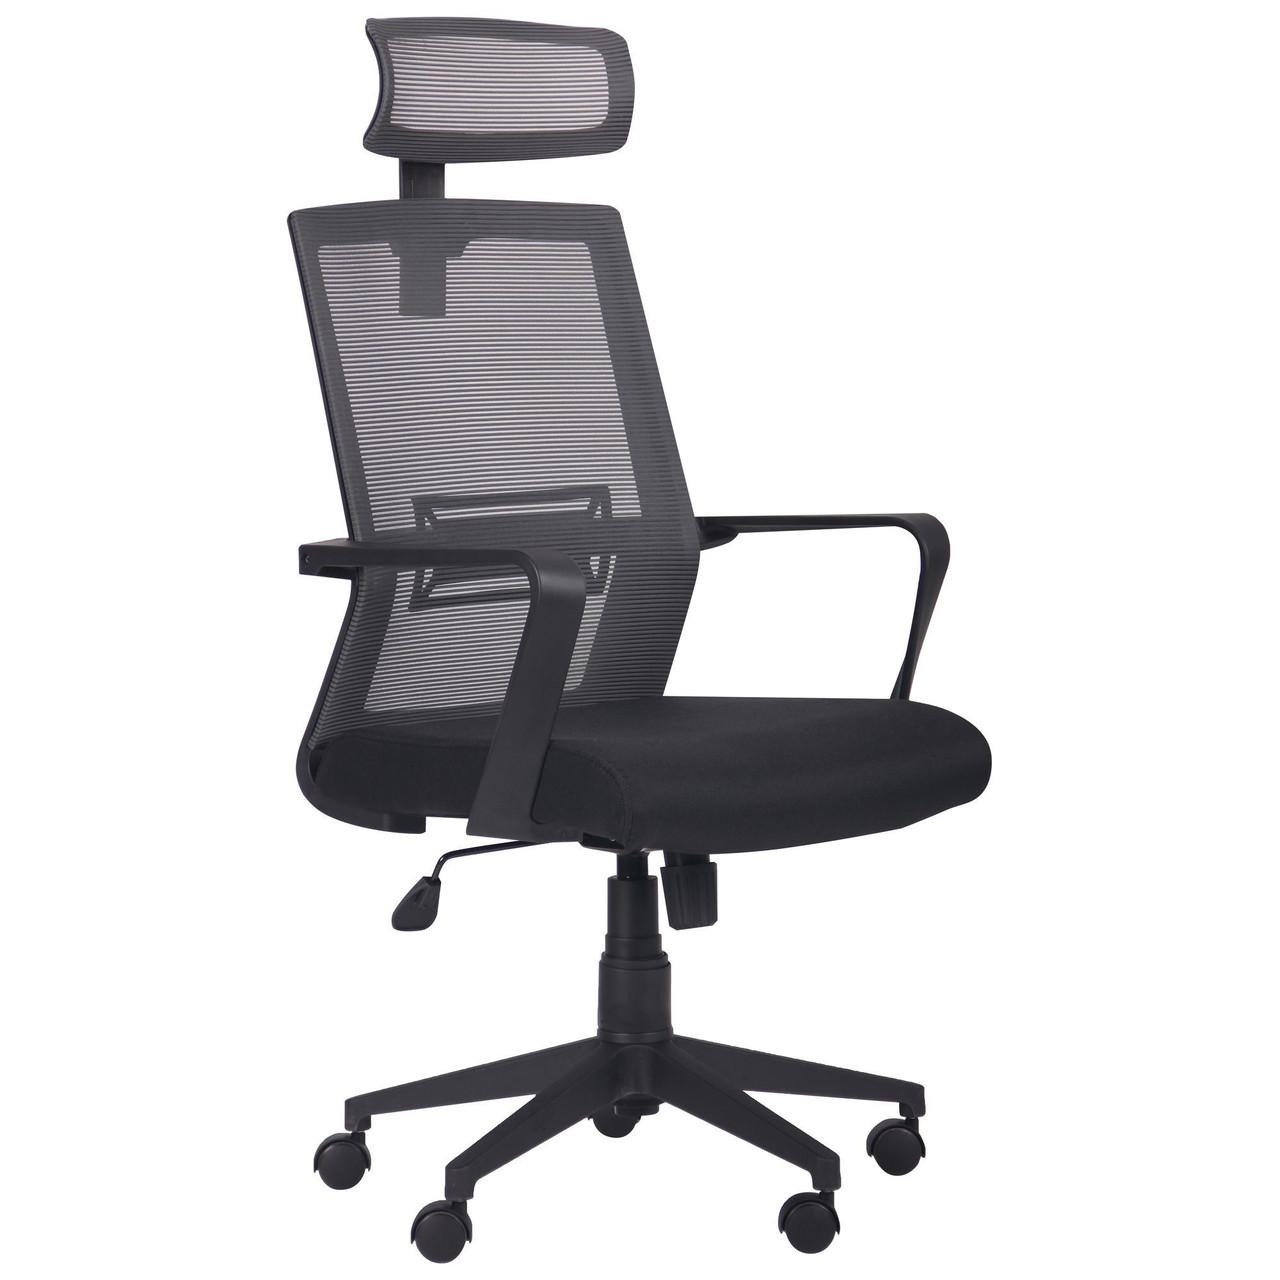 Кресло компьютерное Neon HR, TM AMF